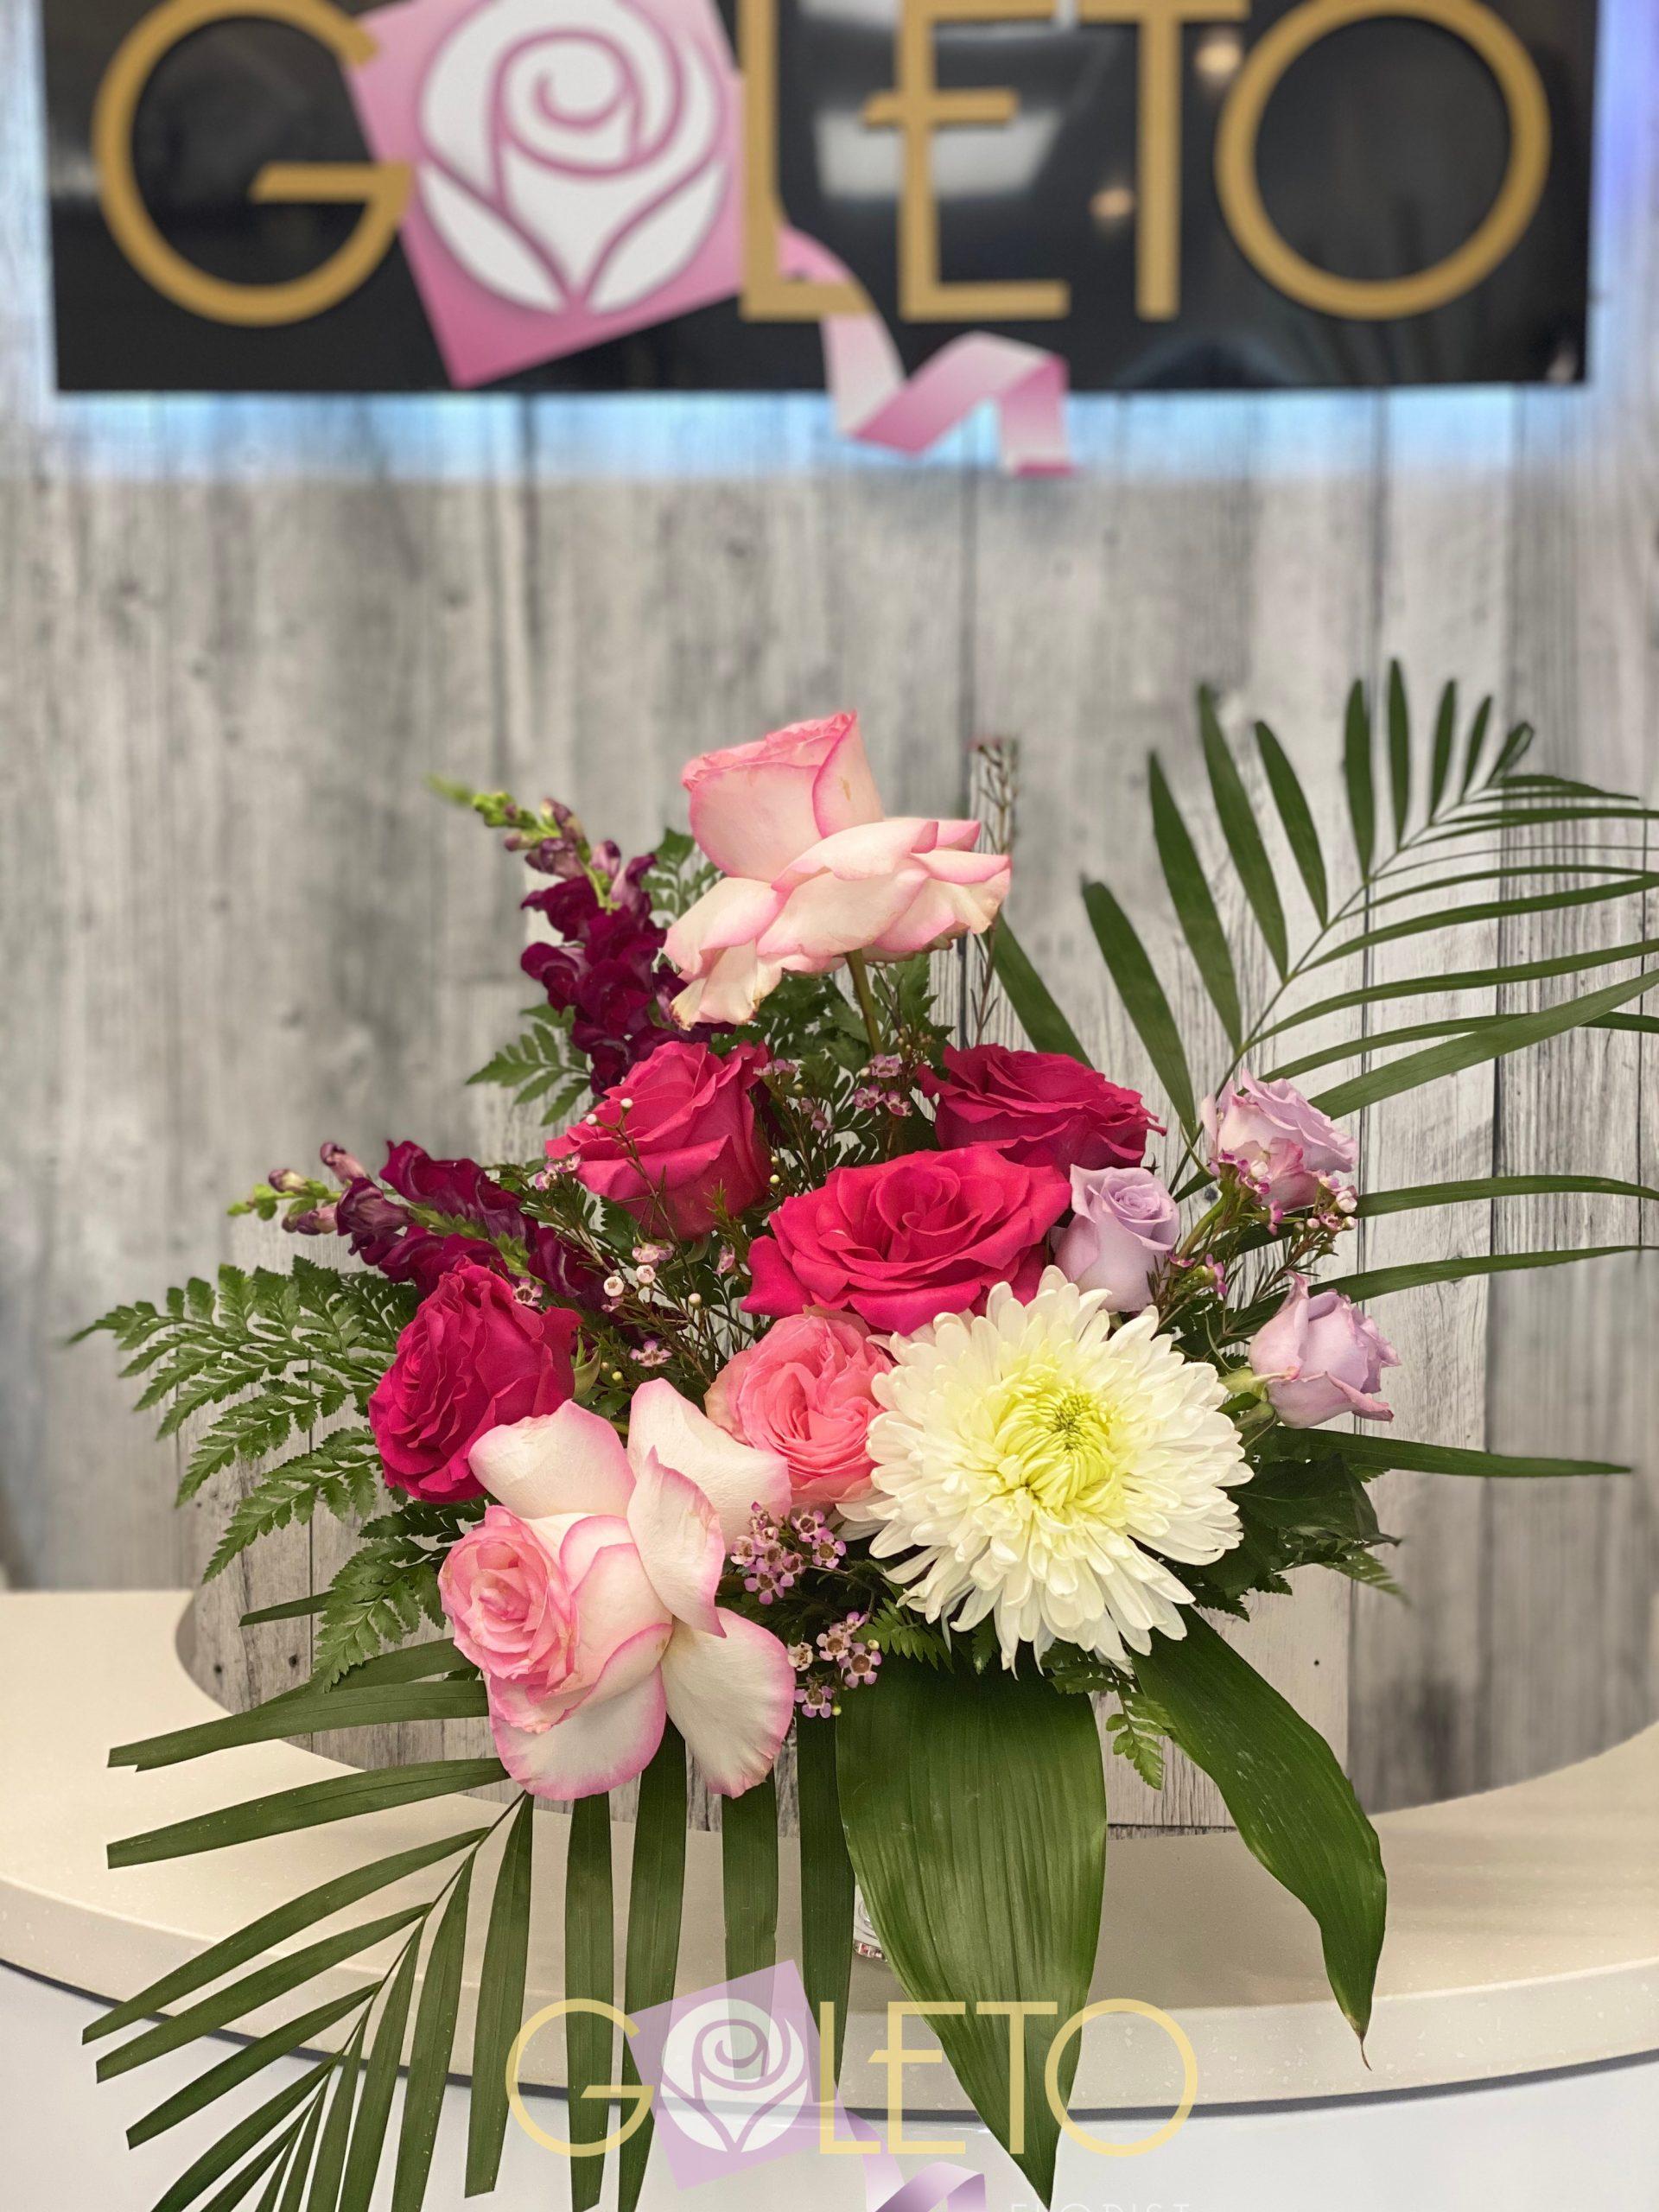 Goleto Birthday Flowers design 28